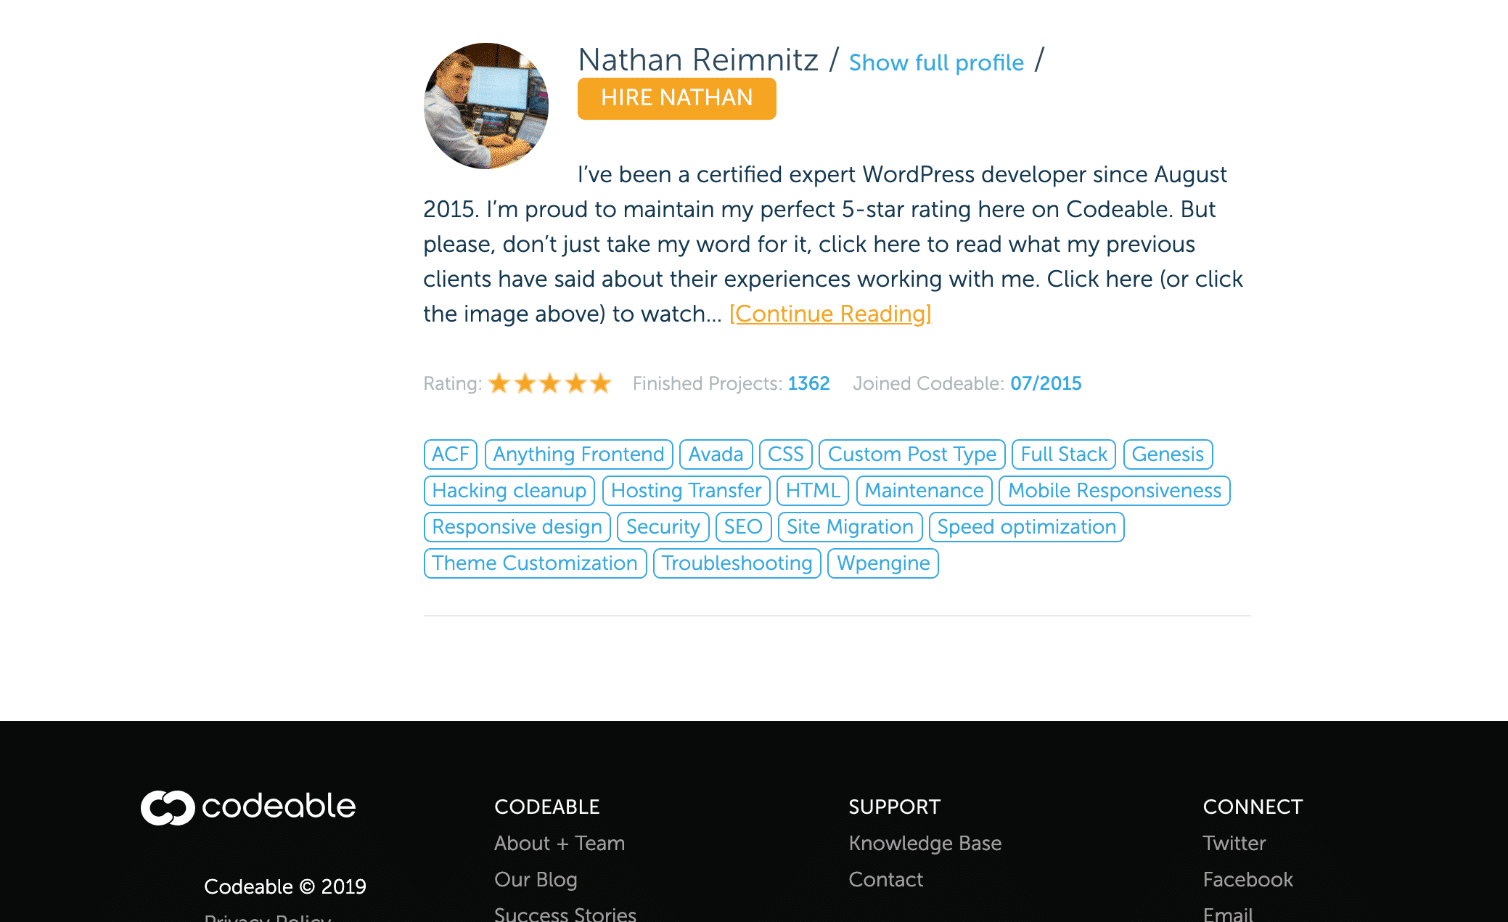 Contrate um designer/desenvolvedor WordPress